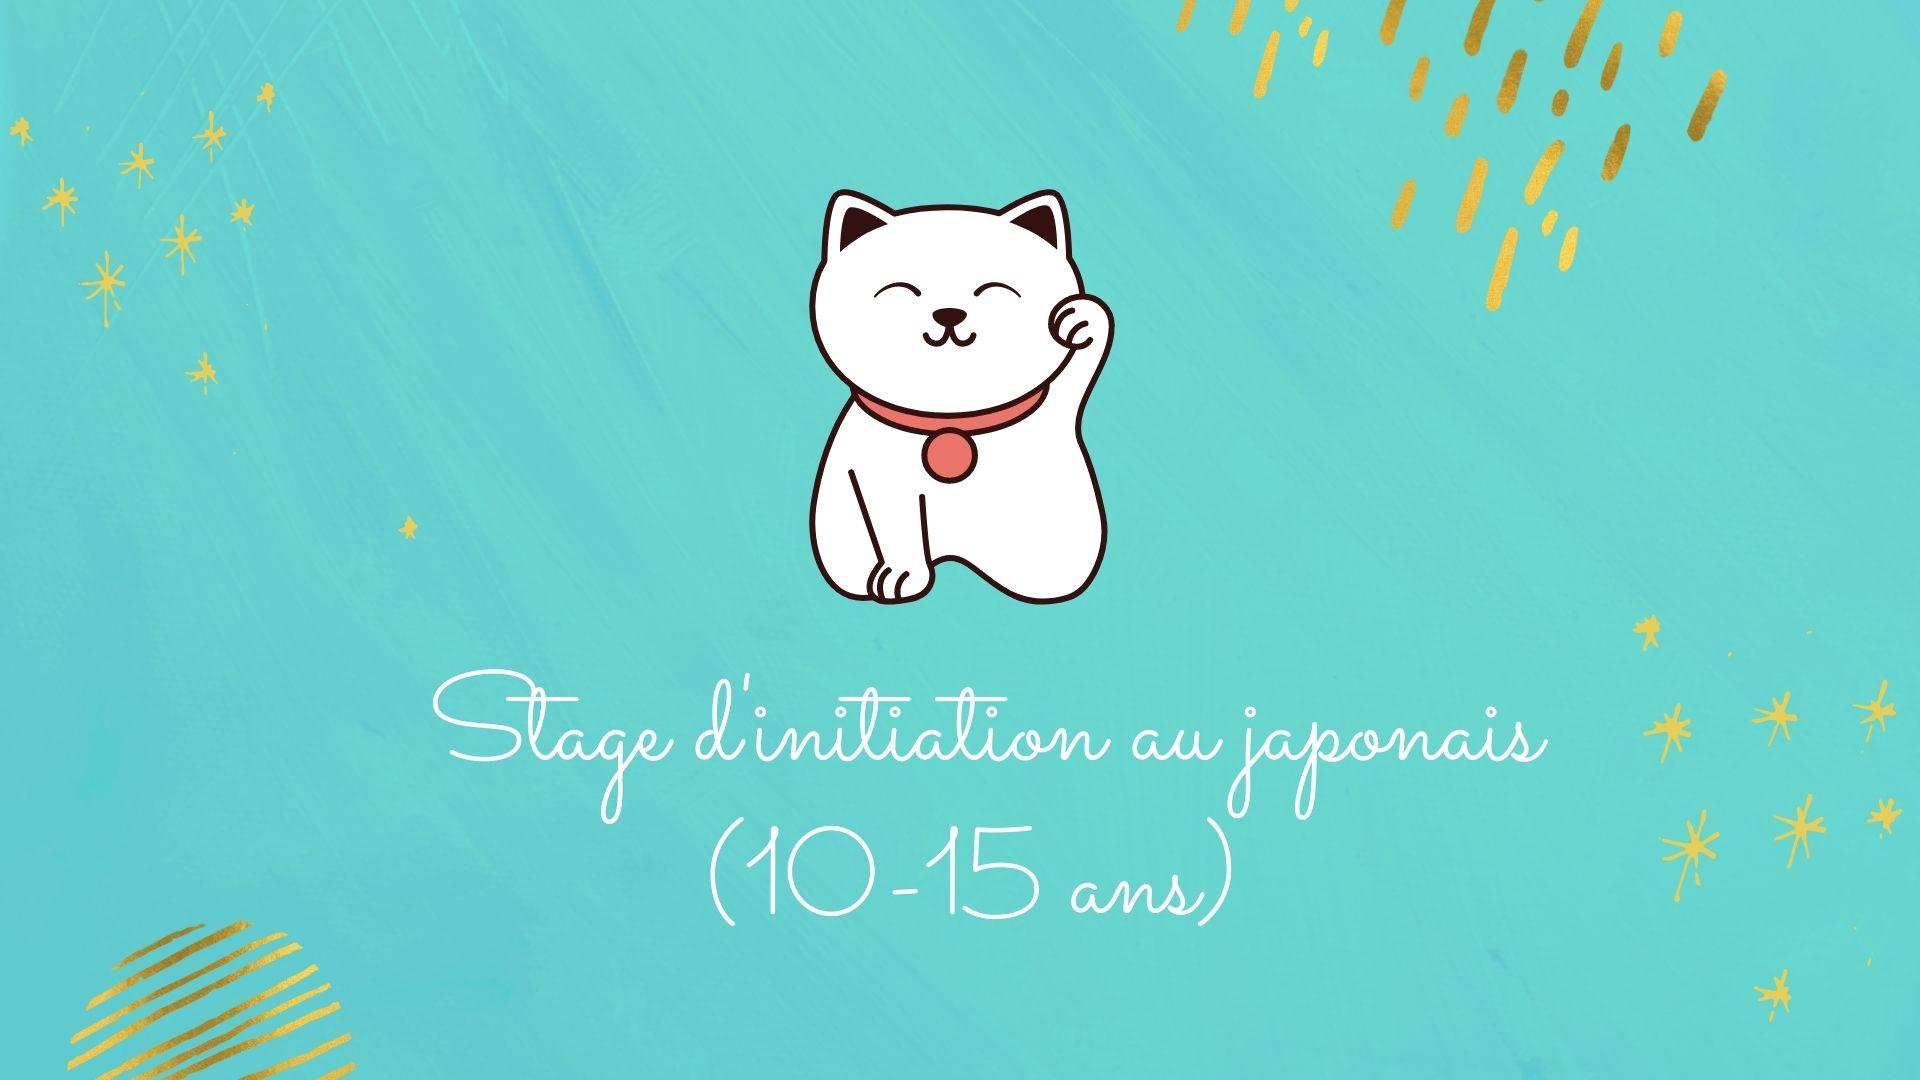 Vacances de la Toussaint: stage d'initiation au japonais pour enfant (10-15 ans)